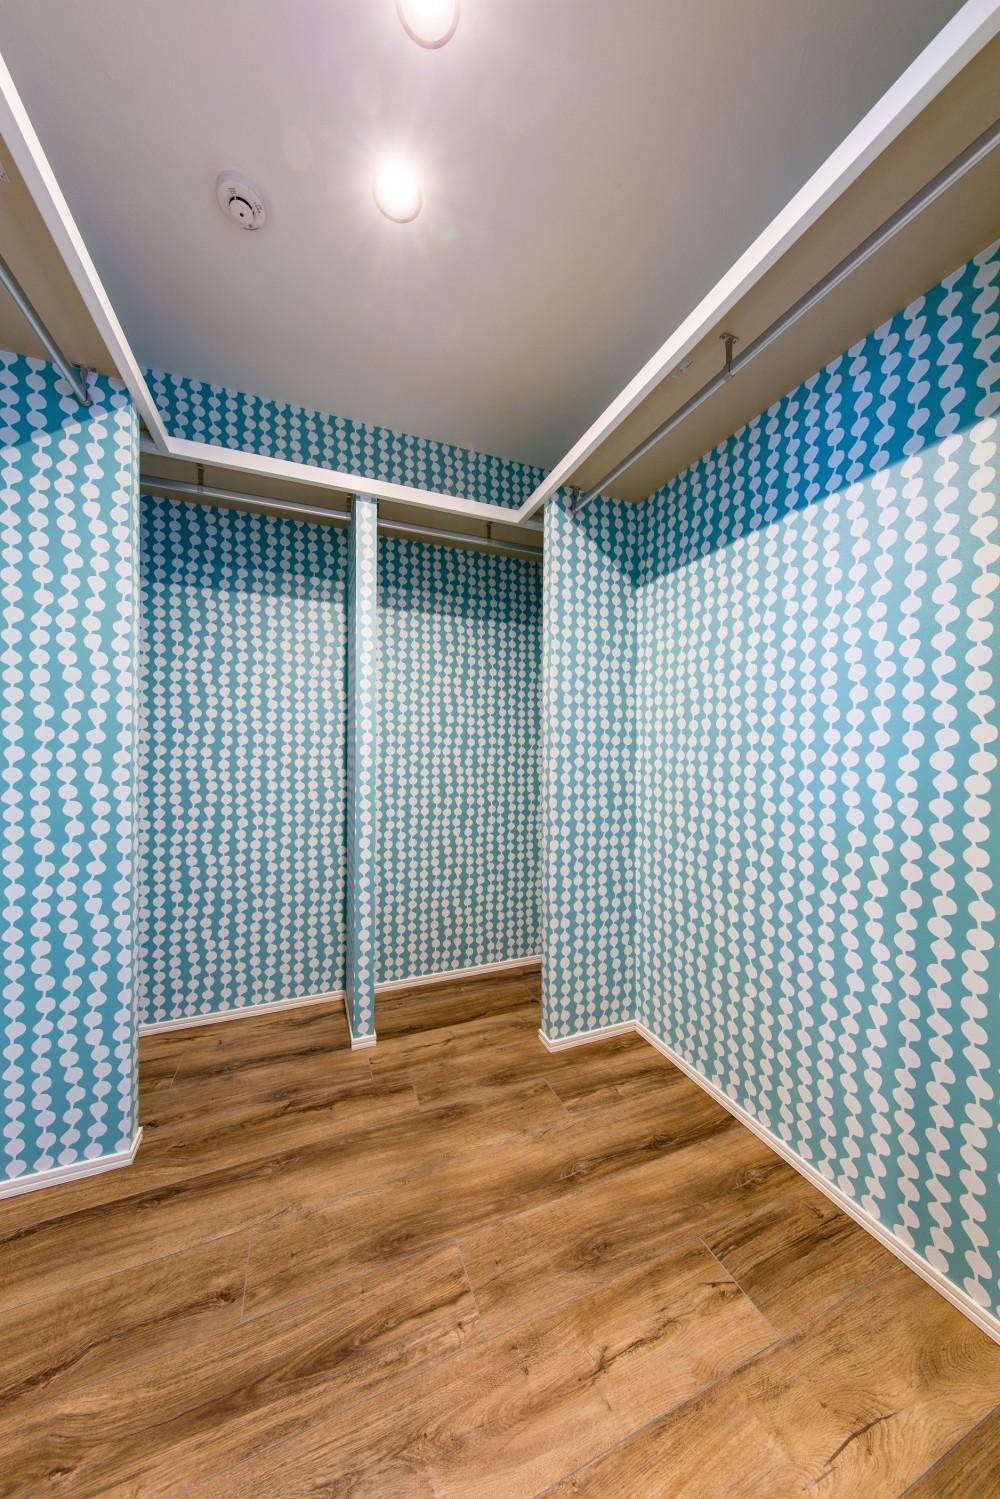 ブルーのインパクト。収納豊富なM様邸 ~スケルトン×フルリノベーション~ (ウォークインクローゼット)